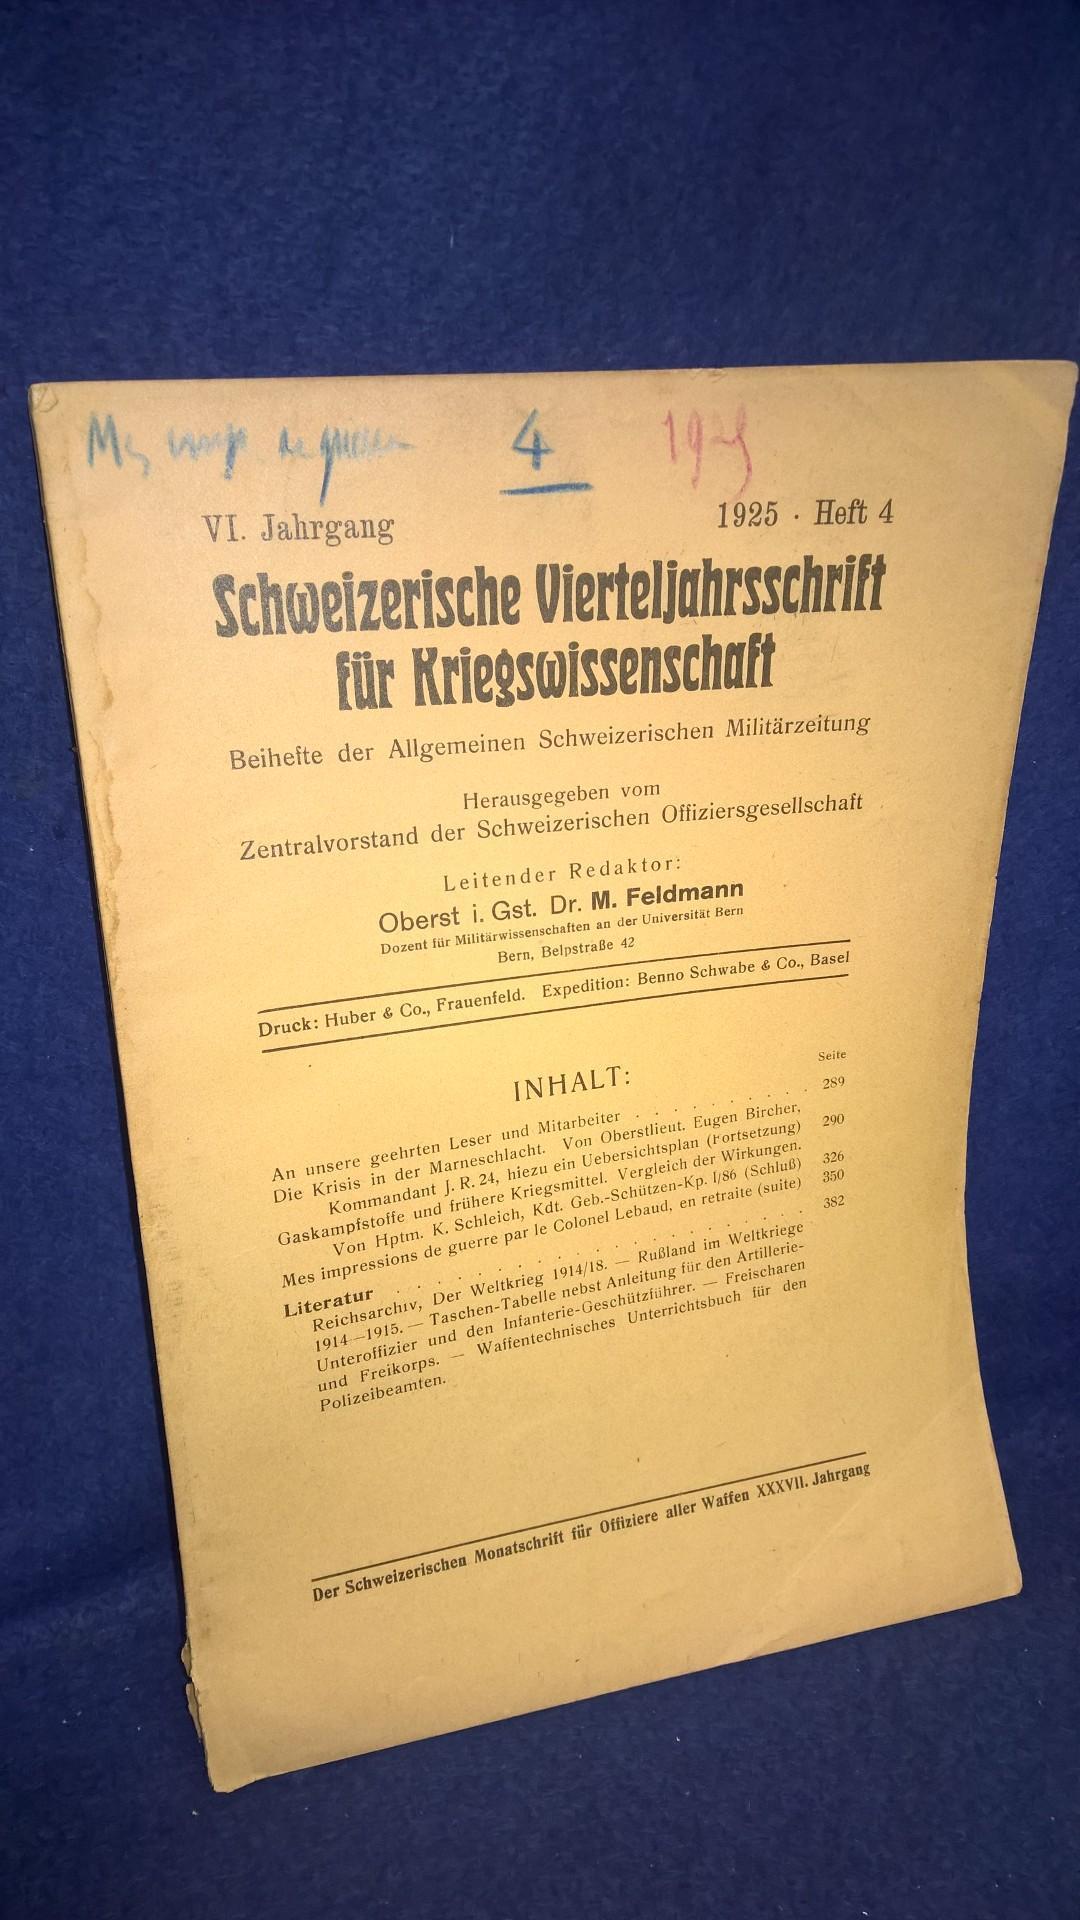 Schweizerische Vierteljahresschrift für Kriegswissenschaften, Heft 4 1924. Aus dem Inhalt: Die Krisis in der Marneschlacht/ Gaskampfstoffe und frühere Kriegsmittel.